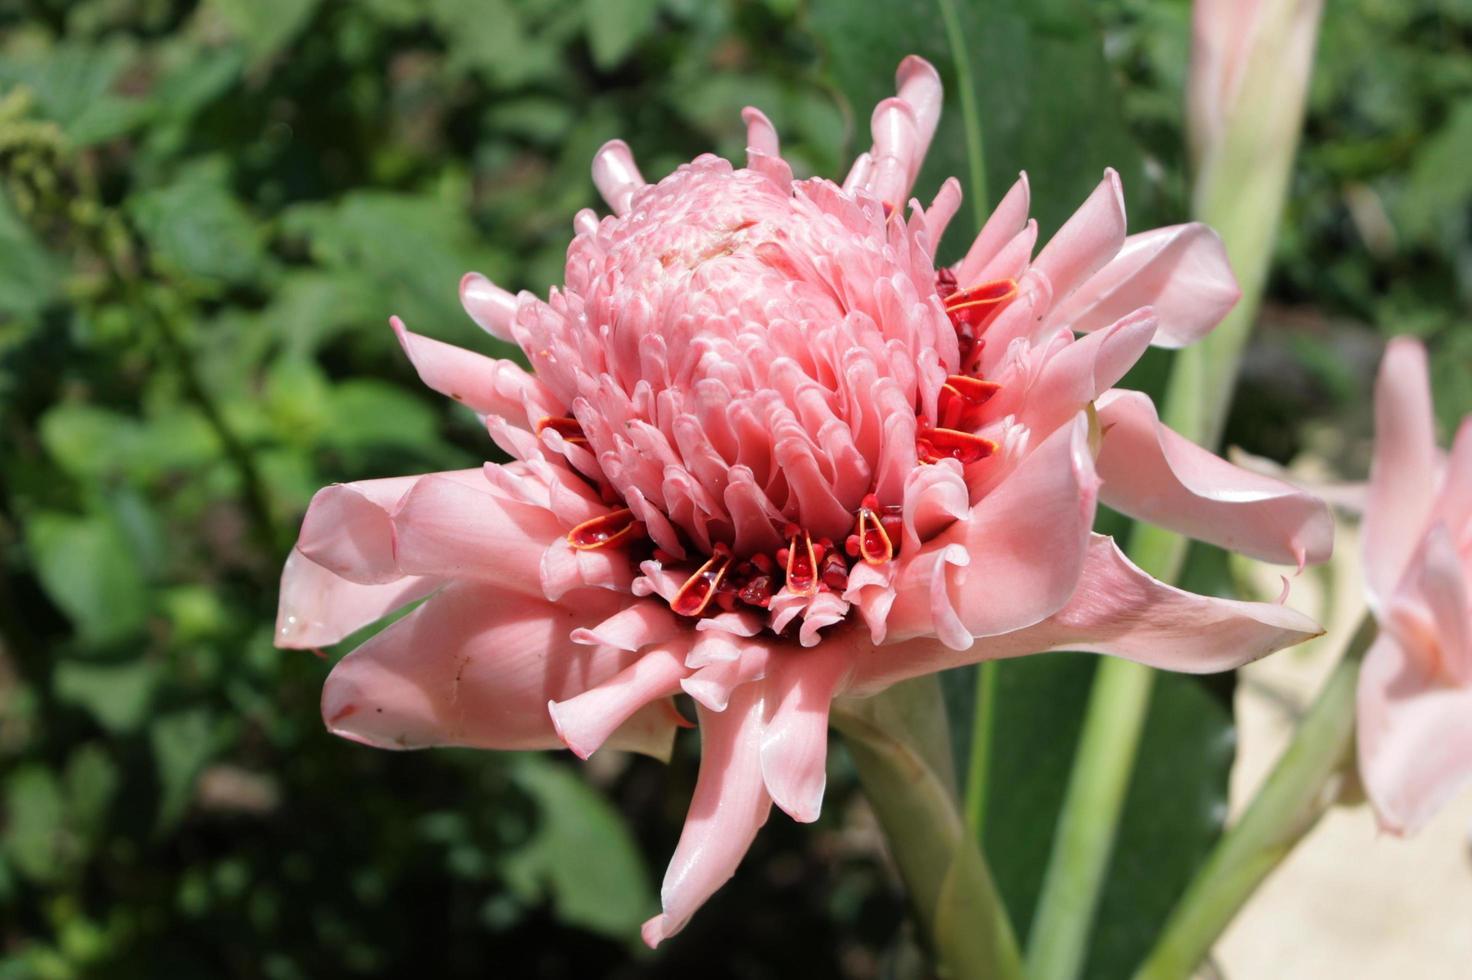 rosa etlingera elatior fiore foto